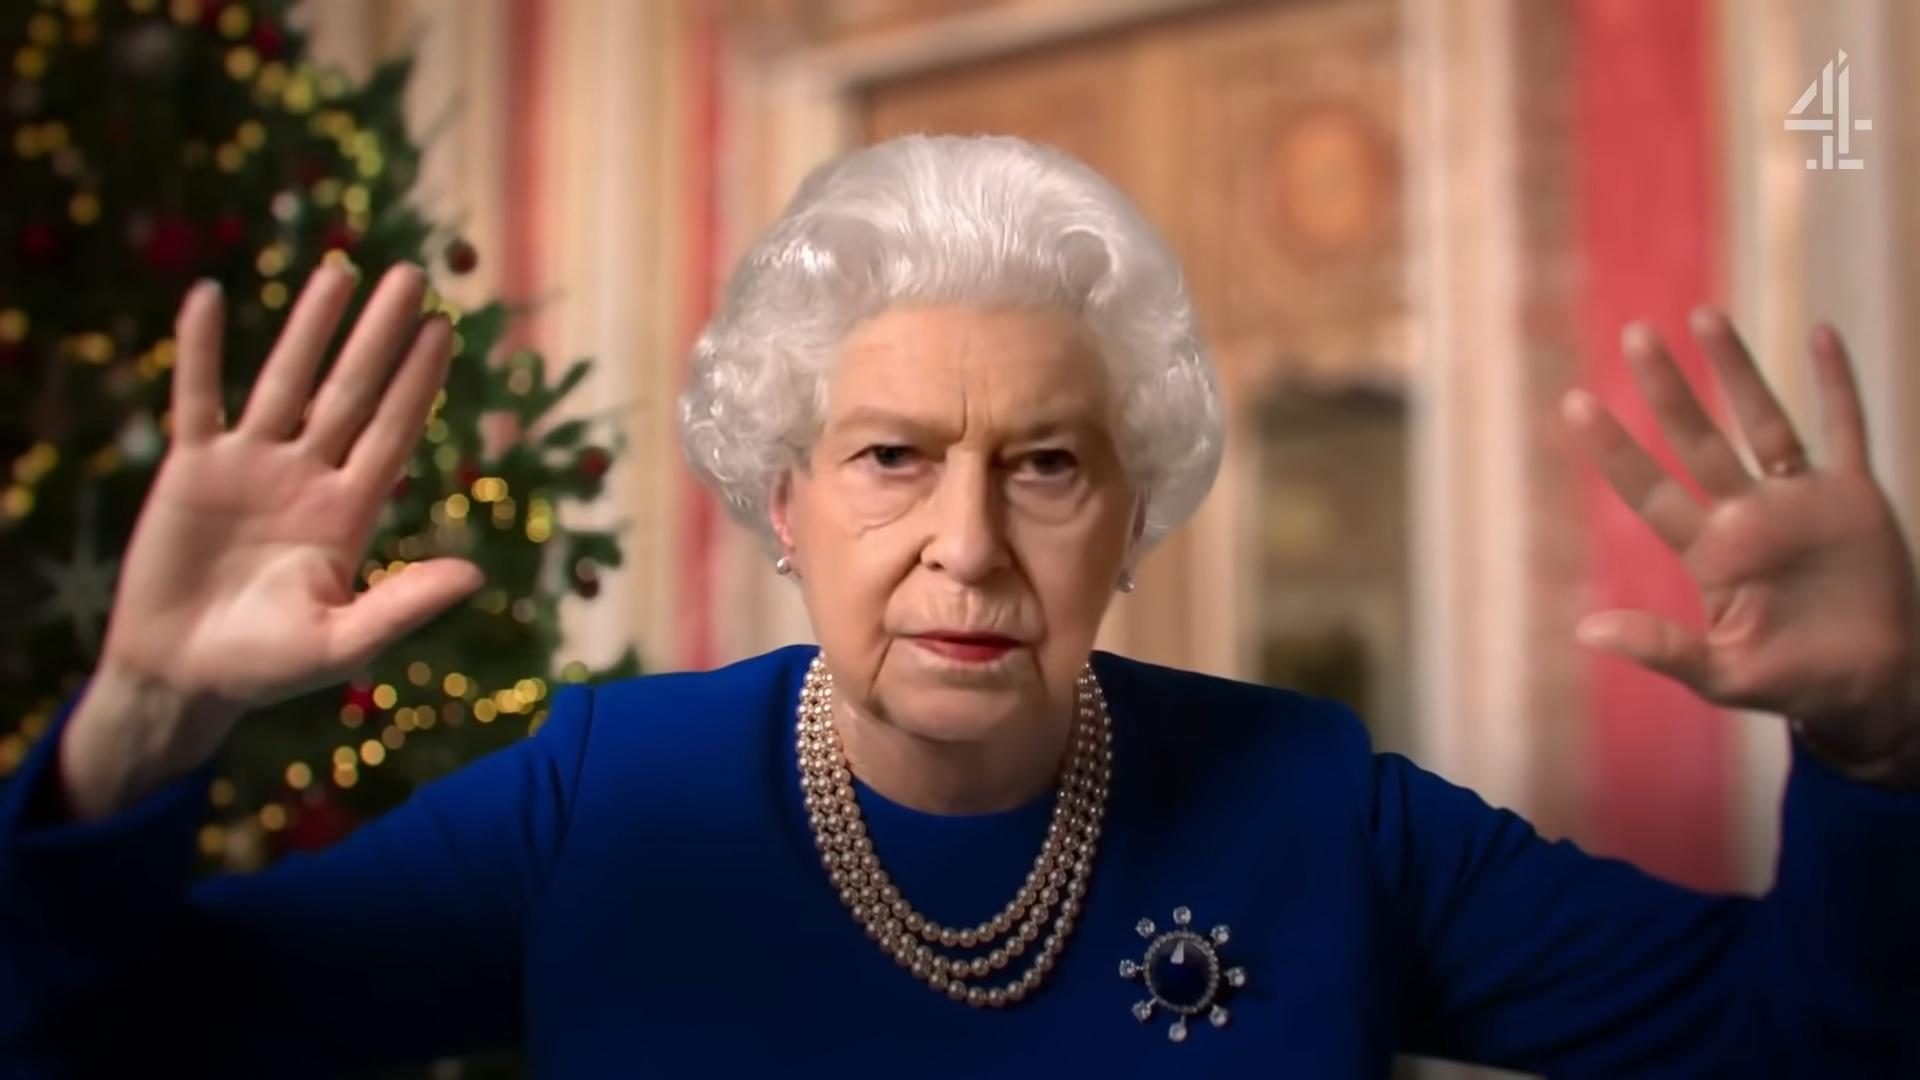 Królowa deepfake'ów. Jak powstała alternatywna wersja wystąpienia królowej Elżbiety